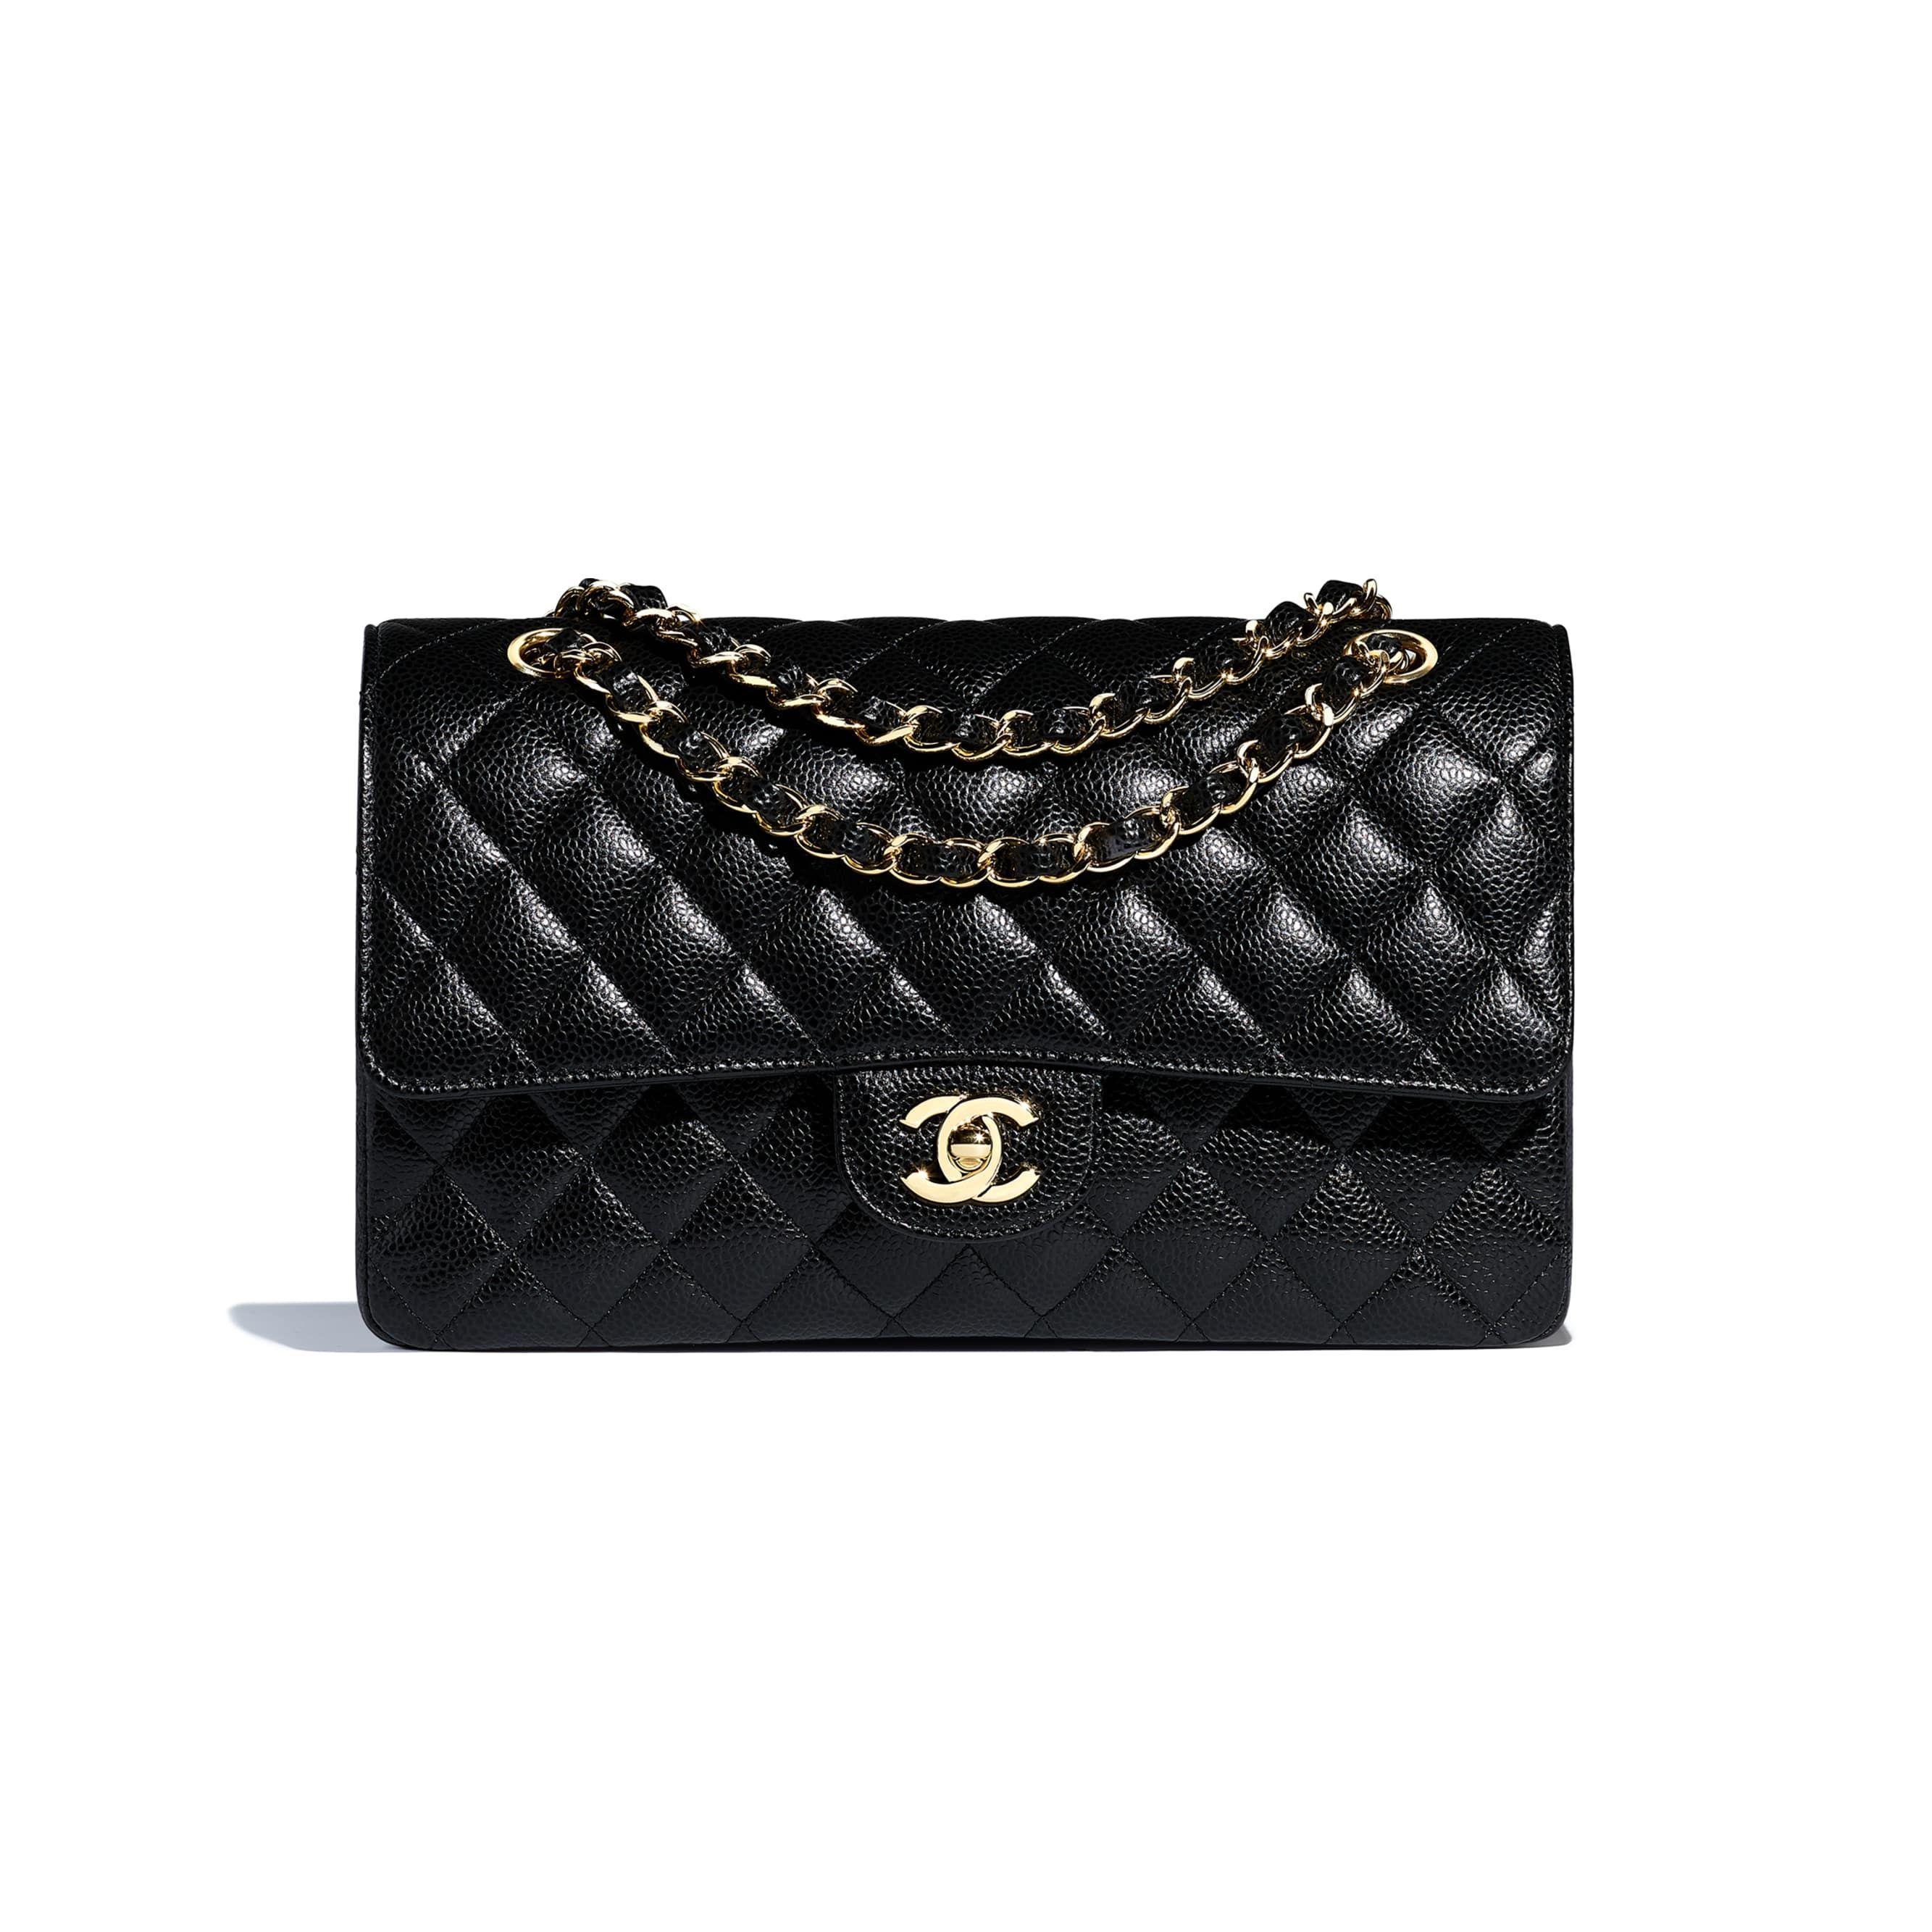 99d34a22f233 Grained Calfskin   Gold-Tone Metal Black Classic Handbag